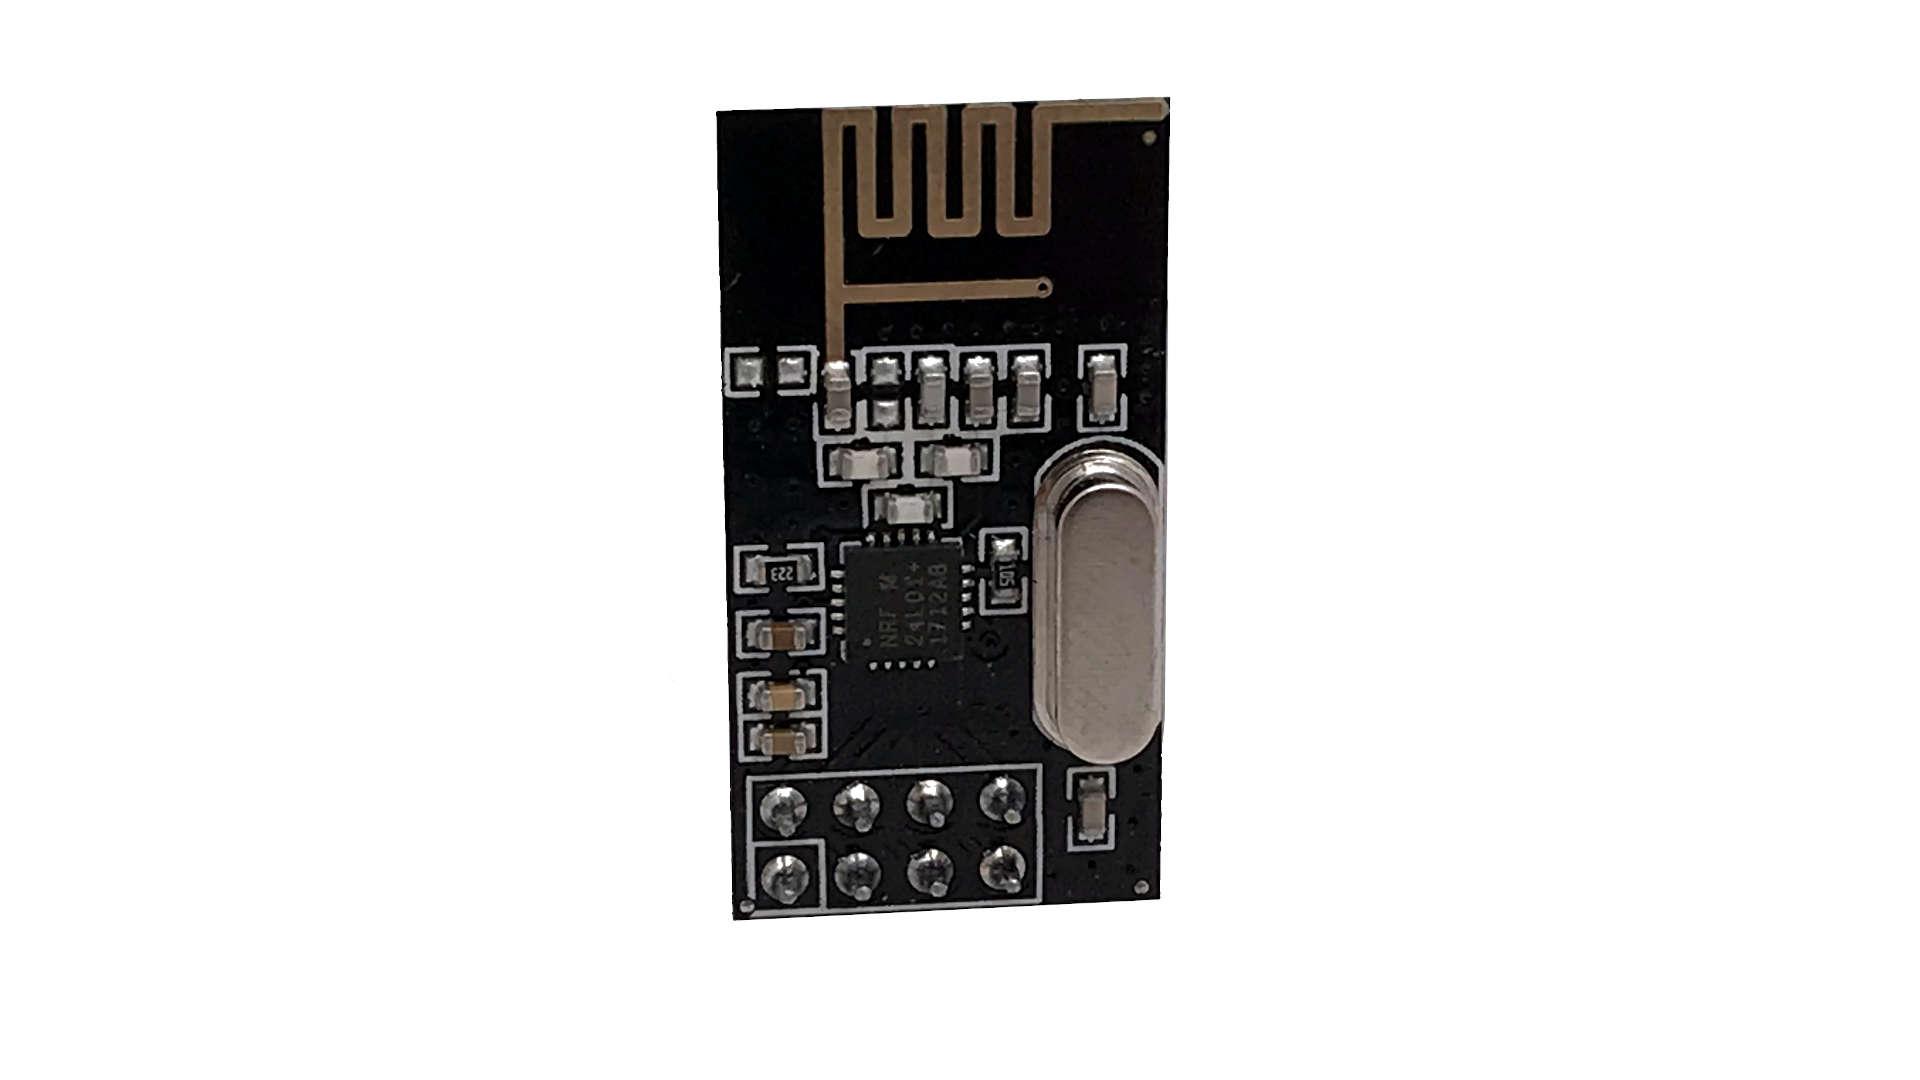 Moduł Zgodny Z Nrf24l01 Bezprzewodowa Tania łączność Dla Arduino